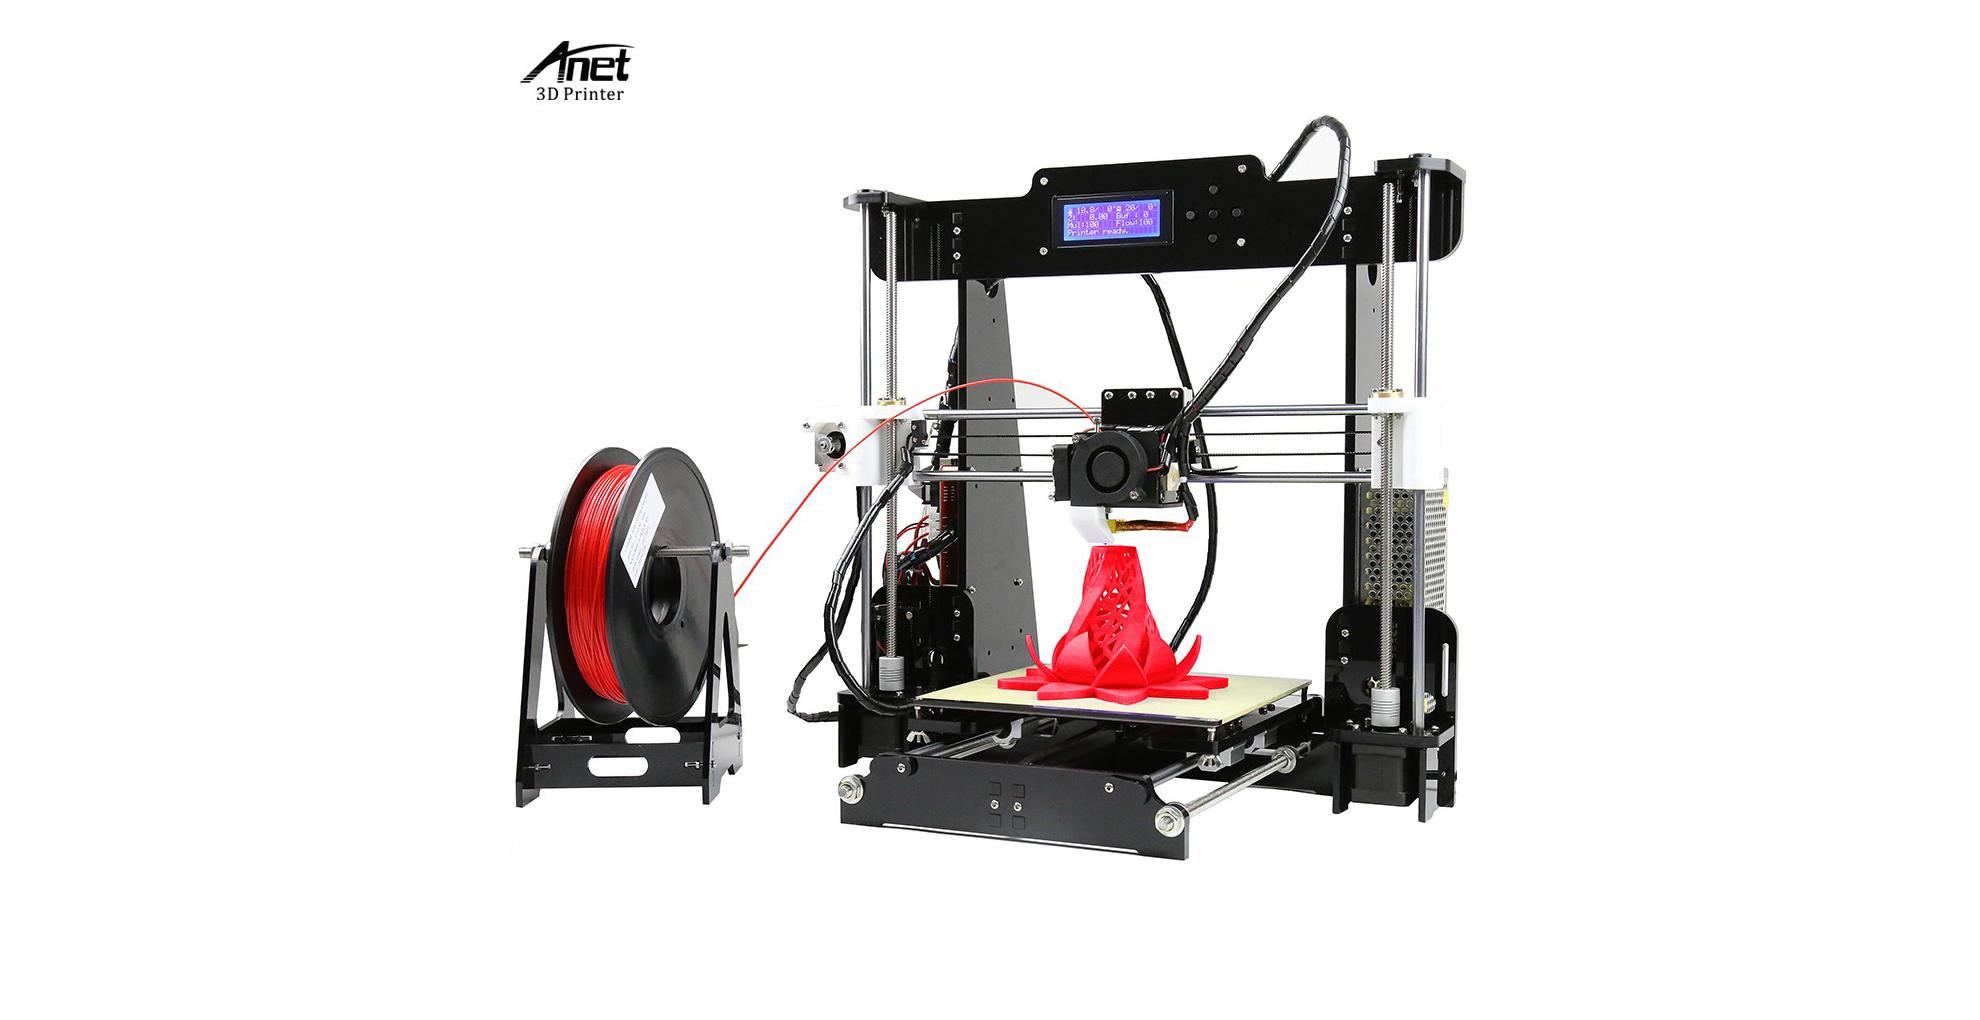 Anet A8 je skvělá 3D tiskárna jen za 2 953 Kč! [sponzorovaný článek]